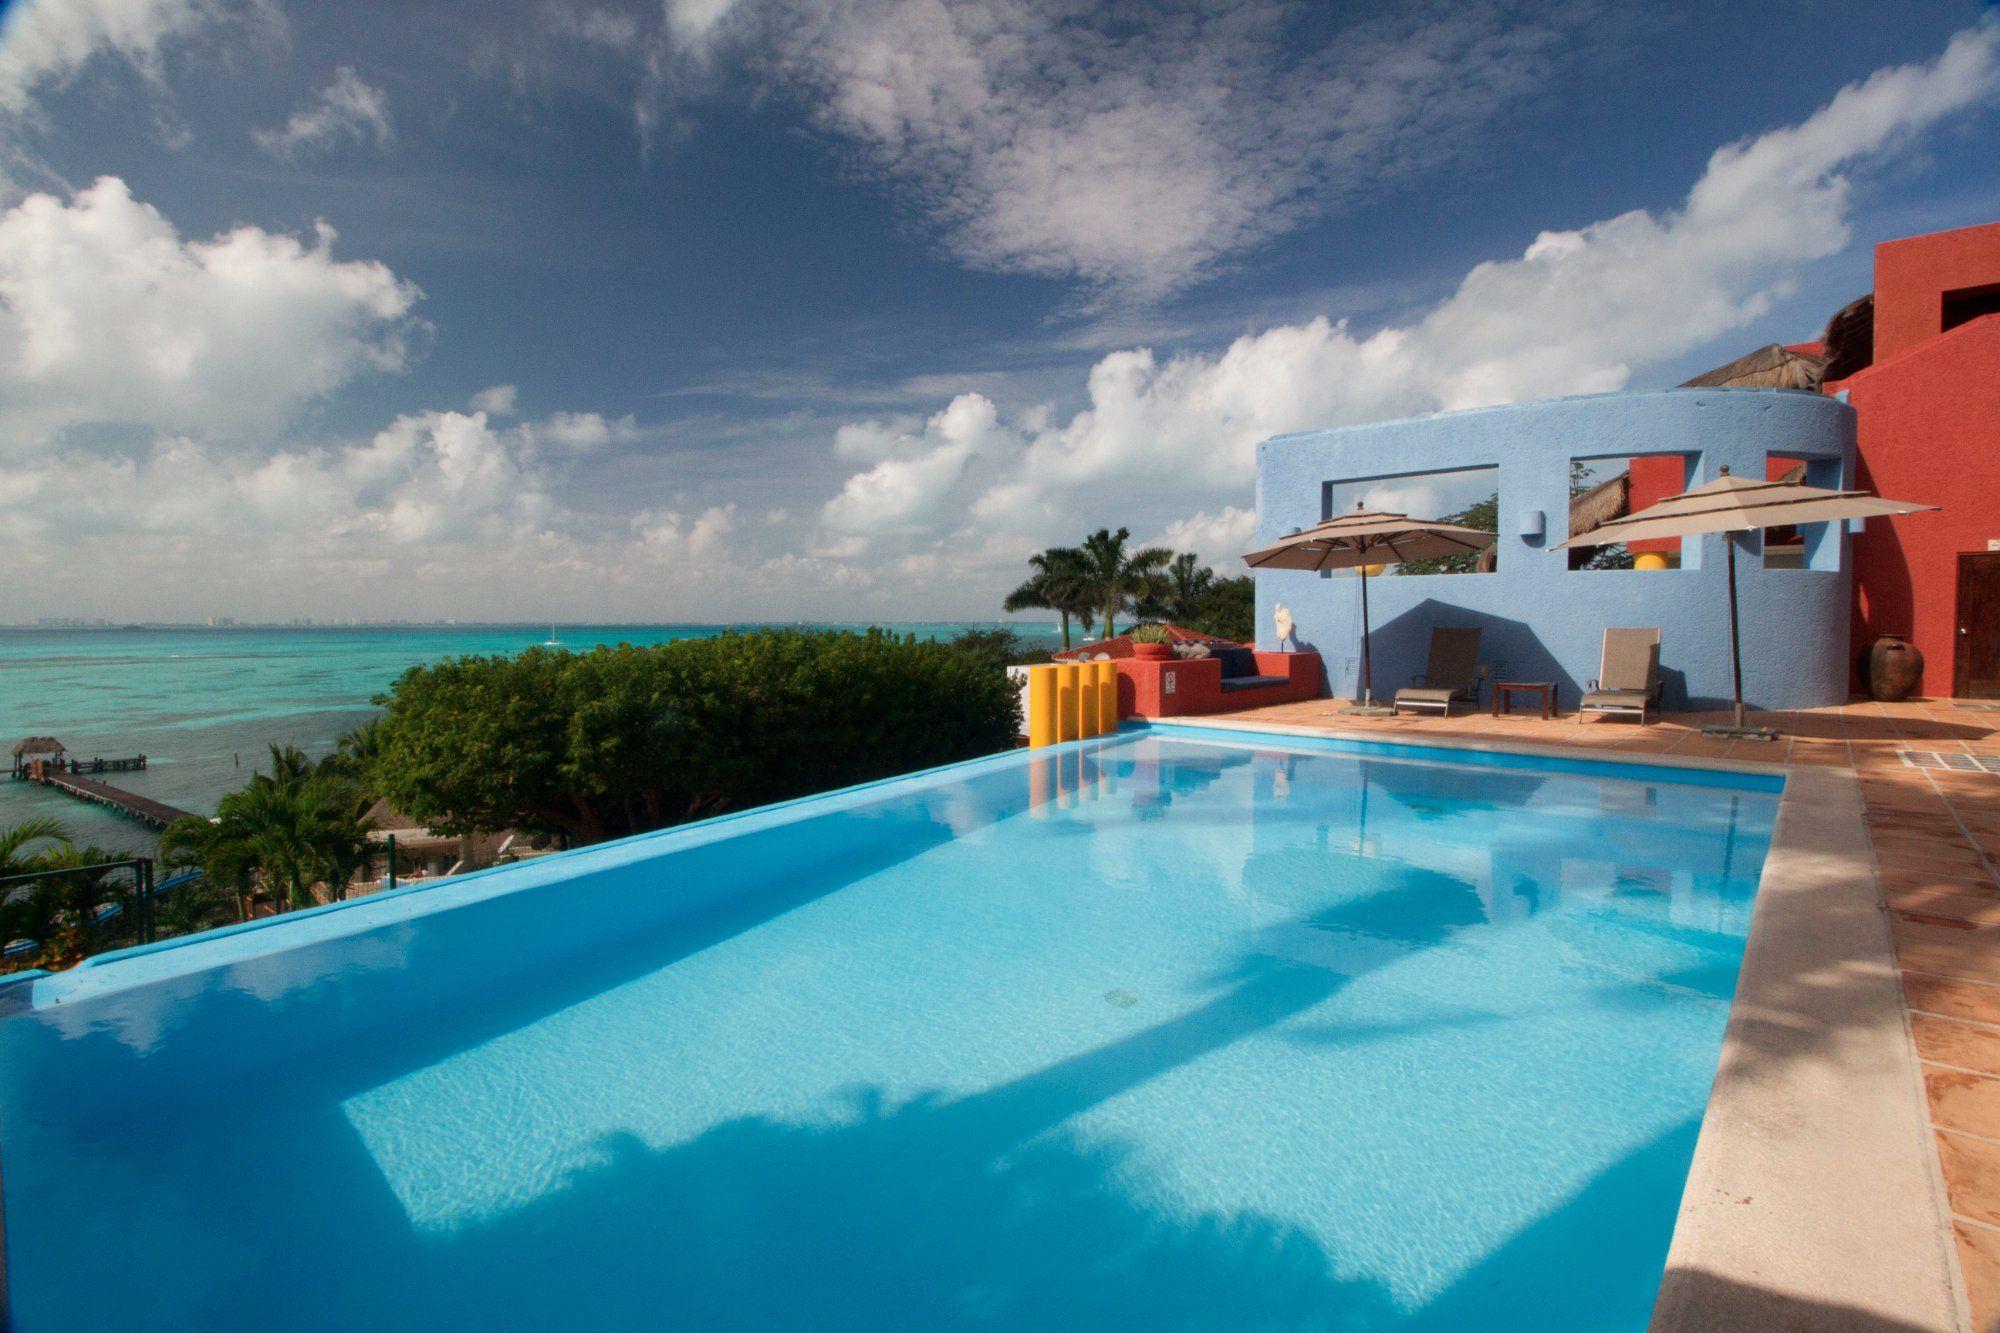 casa de los sueños isla mujeres mexico